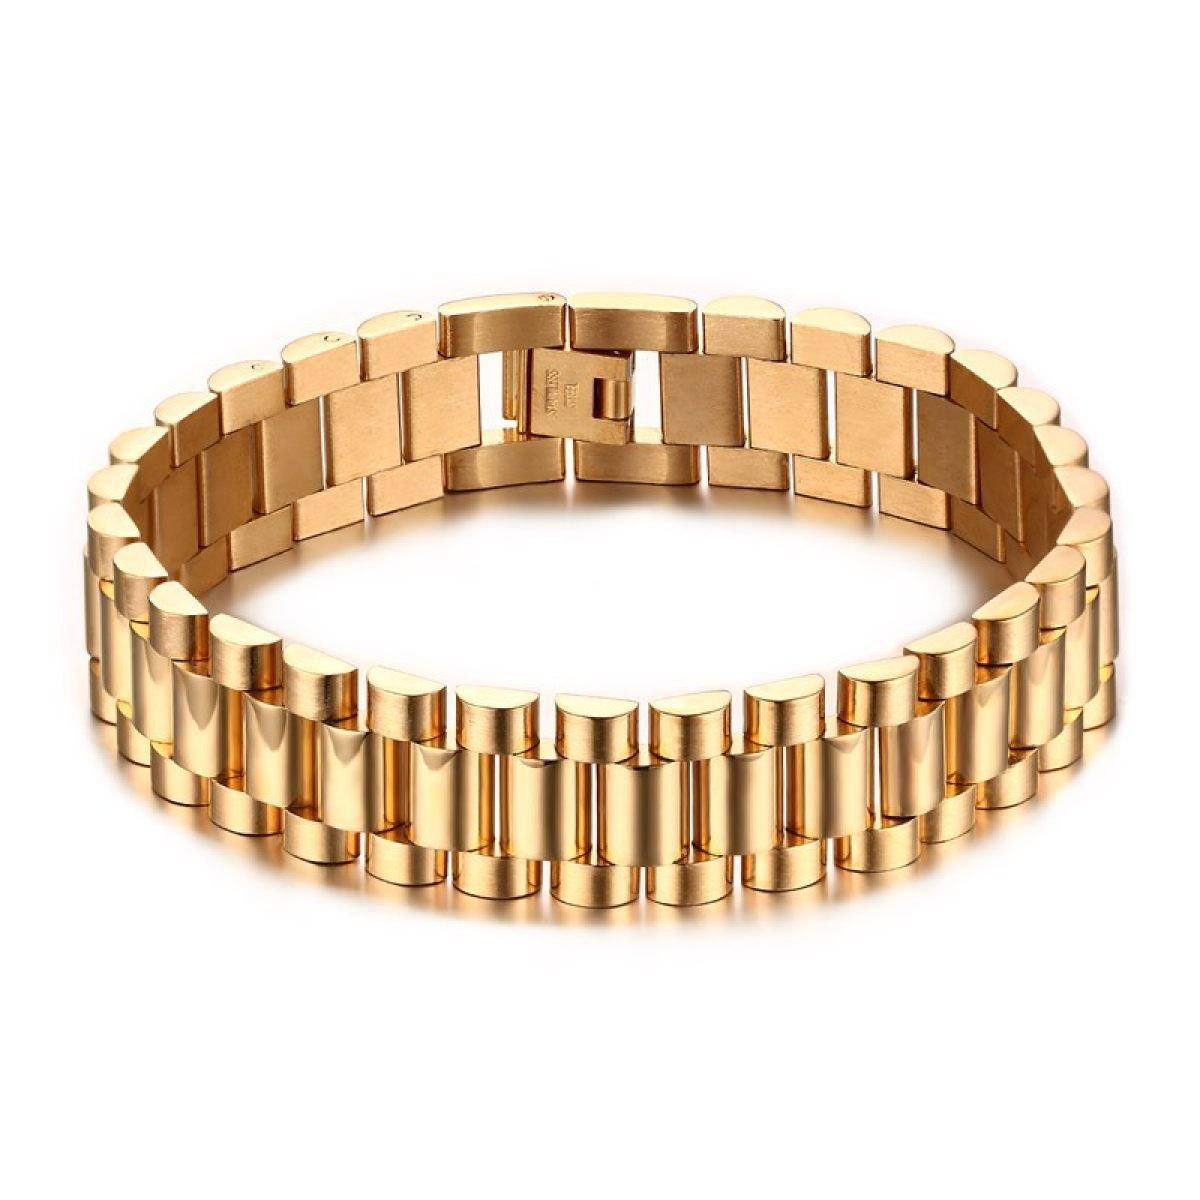 Lunghezza 22 Centimetri Placcatura In Oro Bracciale In Acciaio Inossidabile WenL Uomo